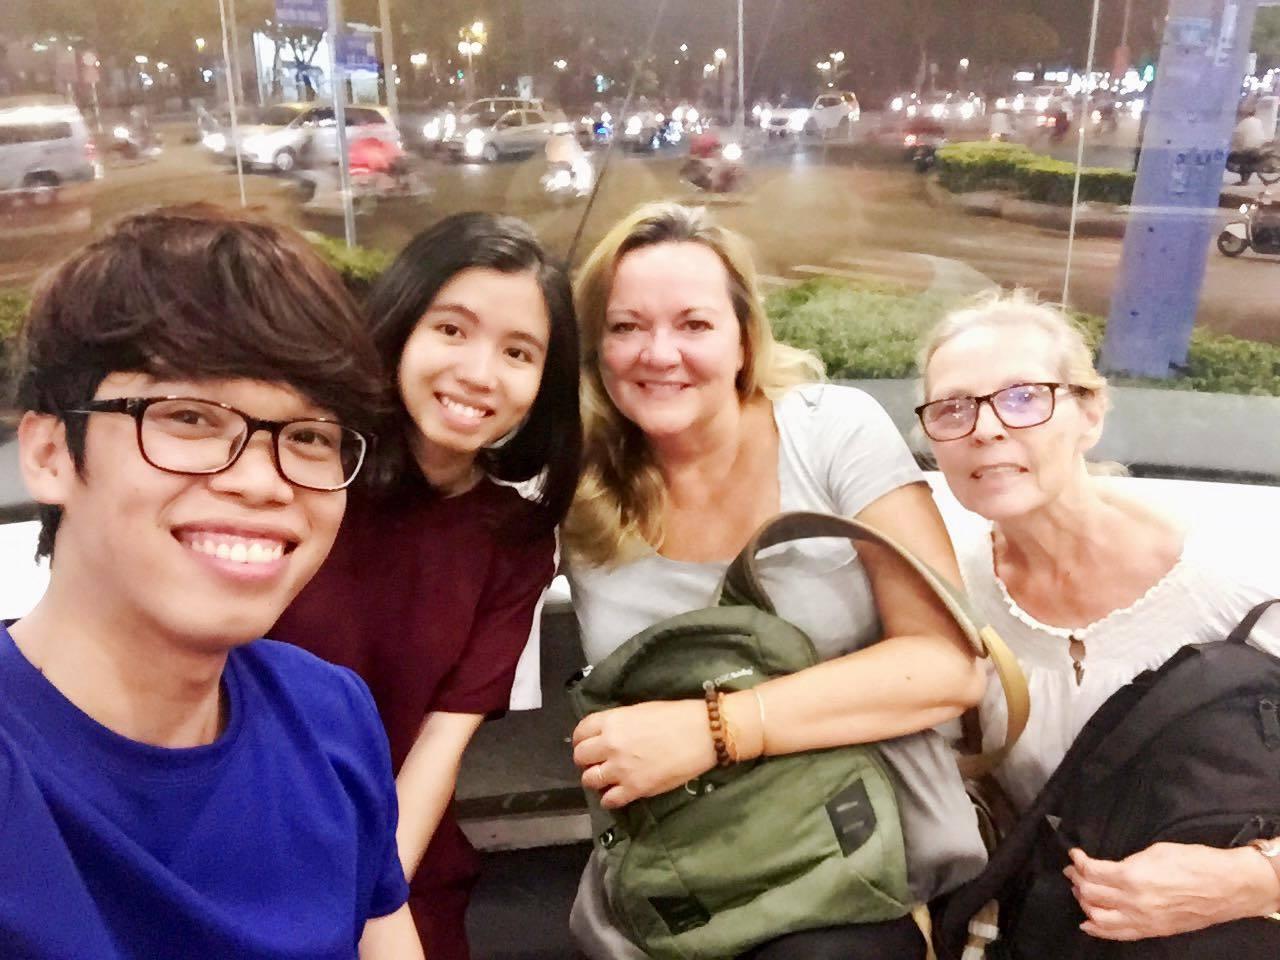 Nhặt được iPhone trên taxi, du khách Tây hành xử bất ngờ